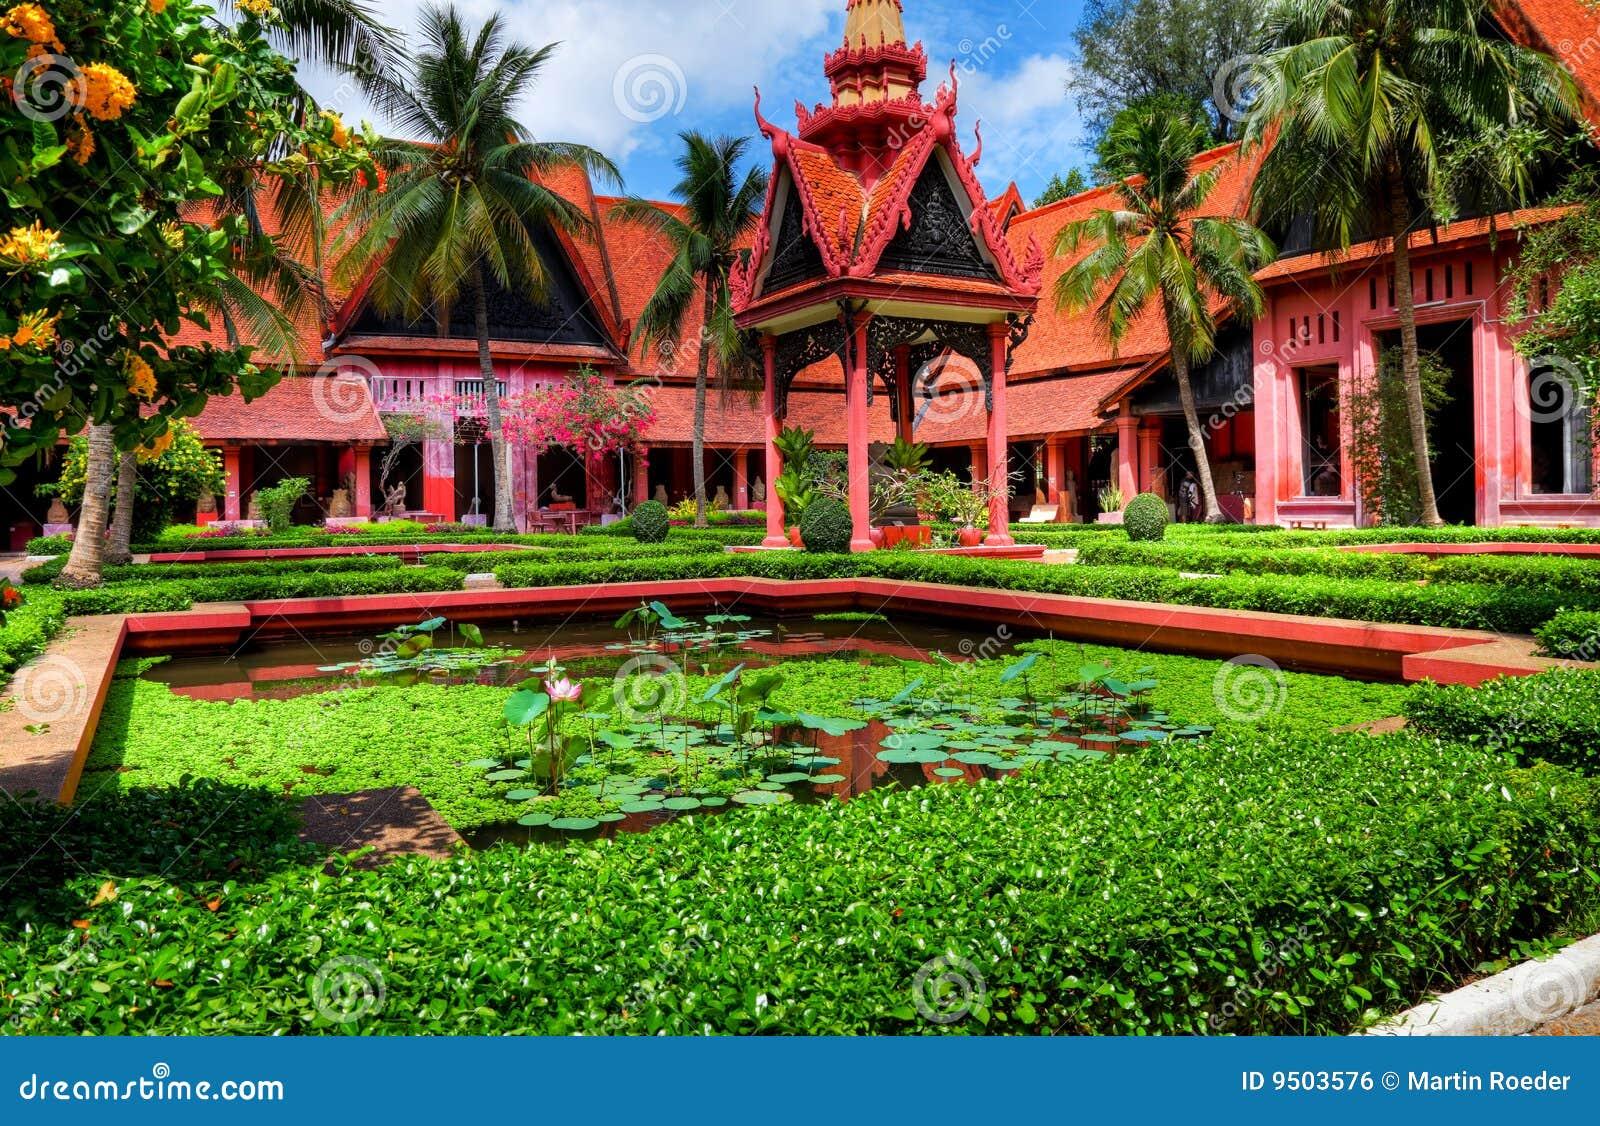 Jardim Phnom Penh - Cambodia (HDR)